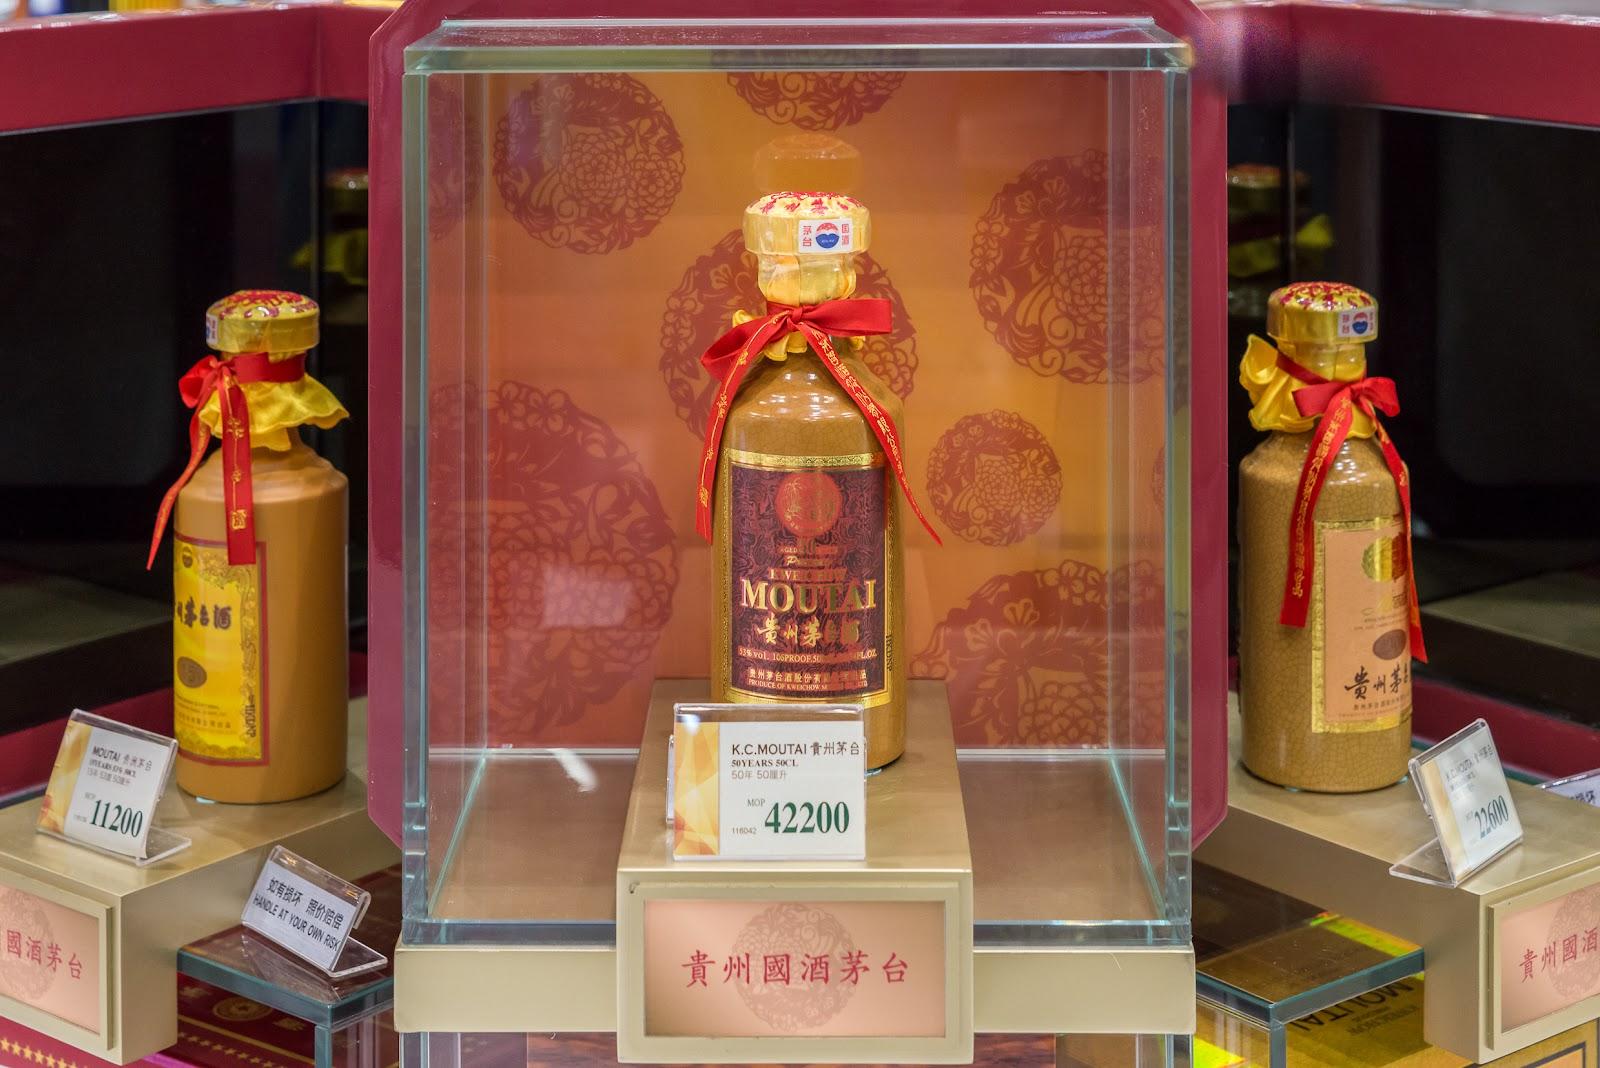 Expensive-looking display of 'Moutai' Chinese baijiu bottles.